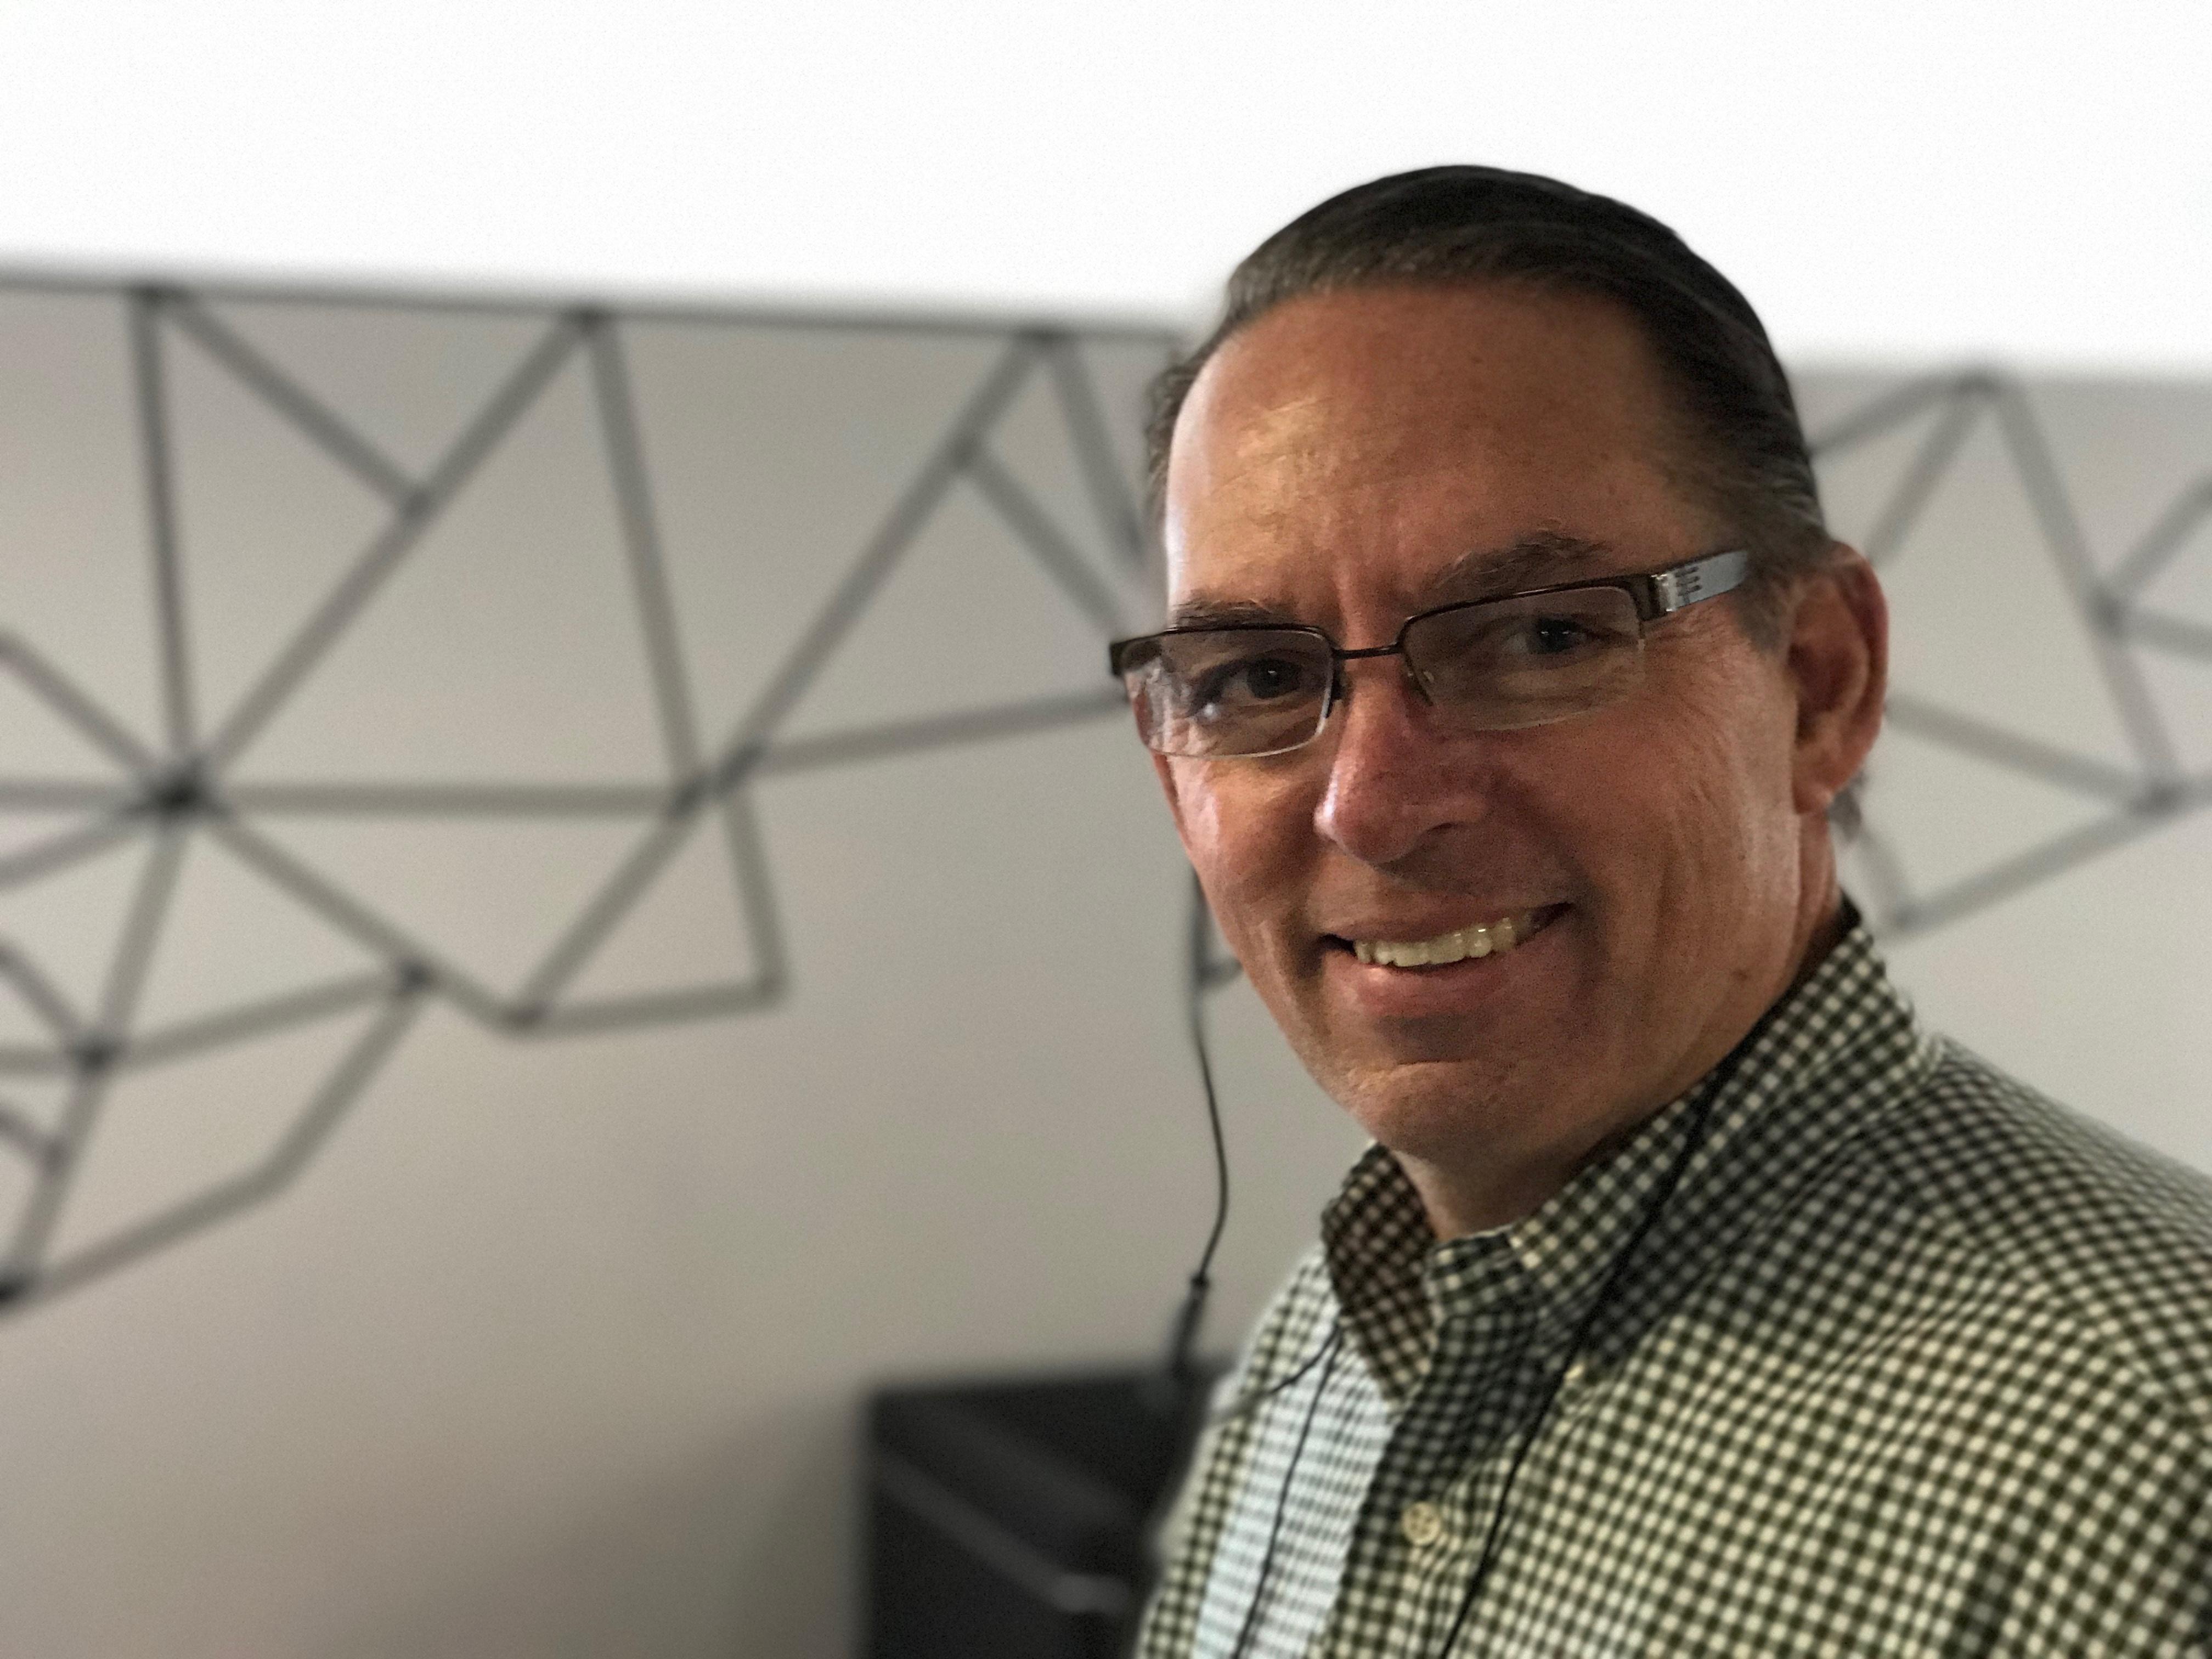 Dr. Greg Firn